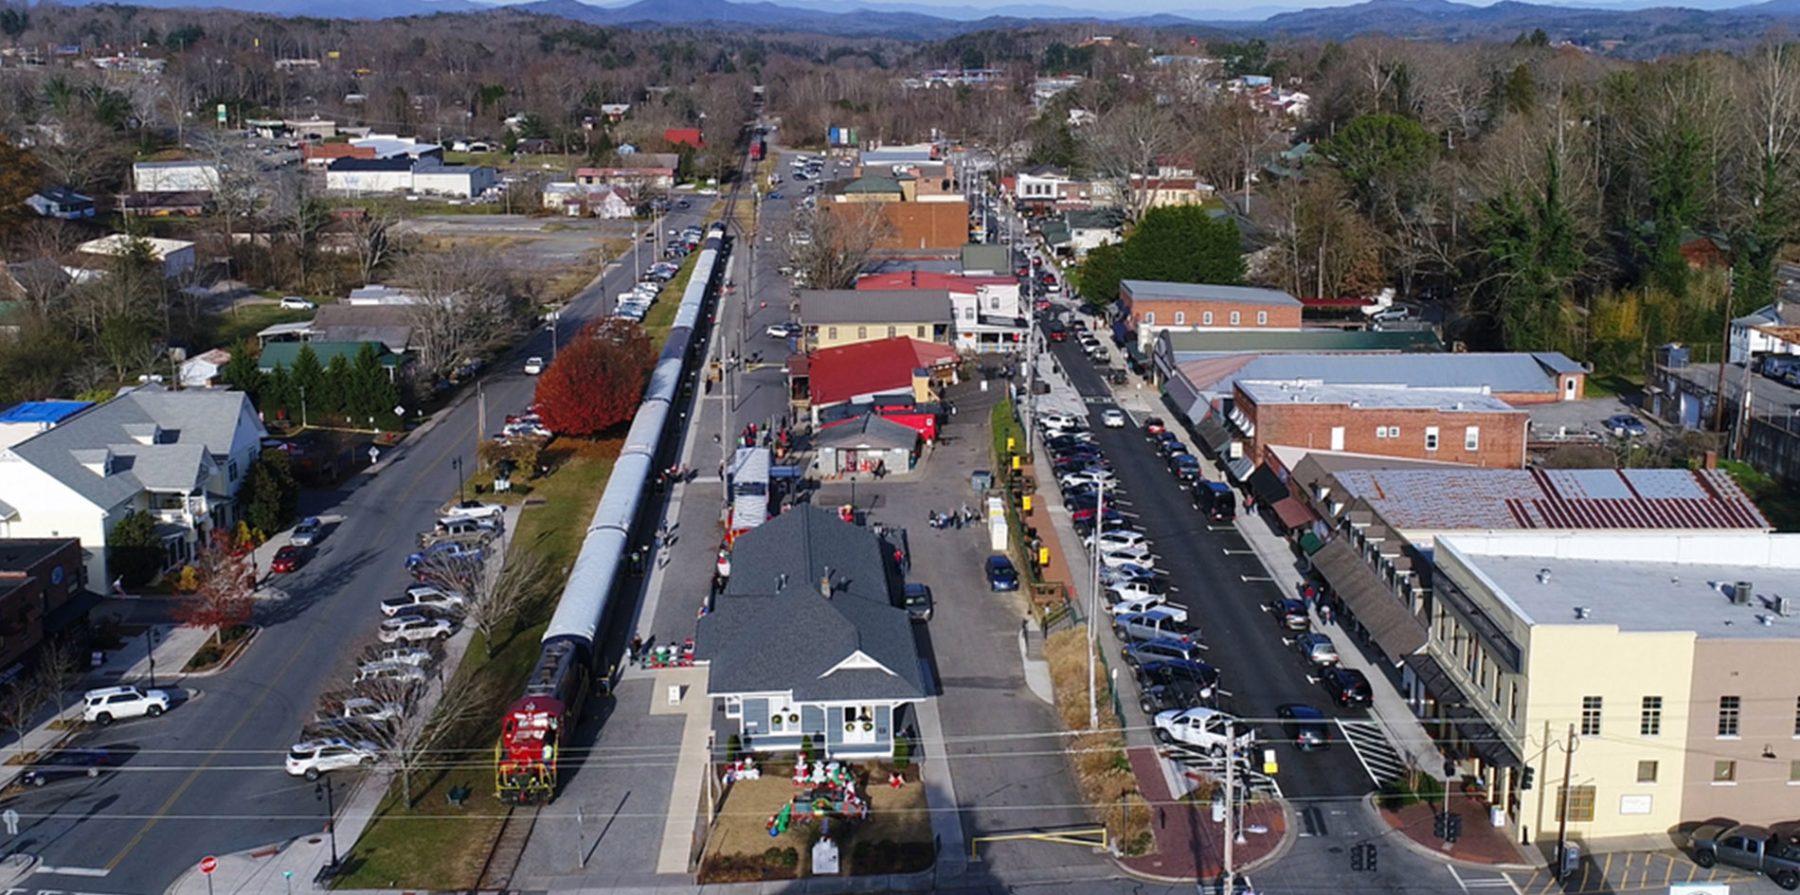 overview of blueridge city